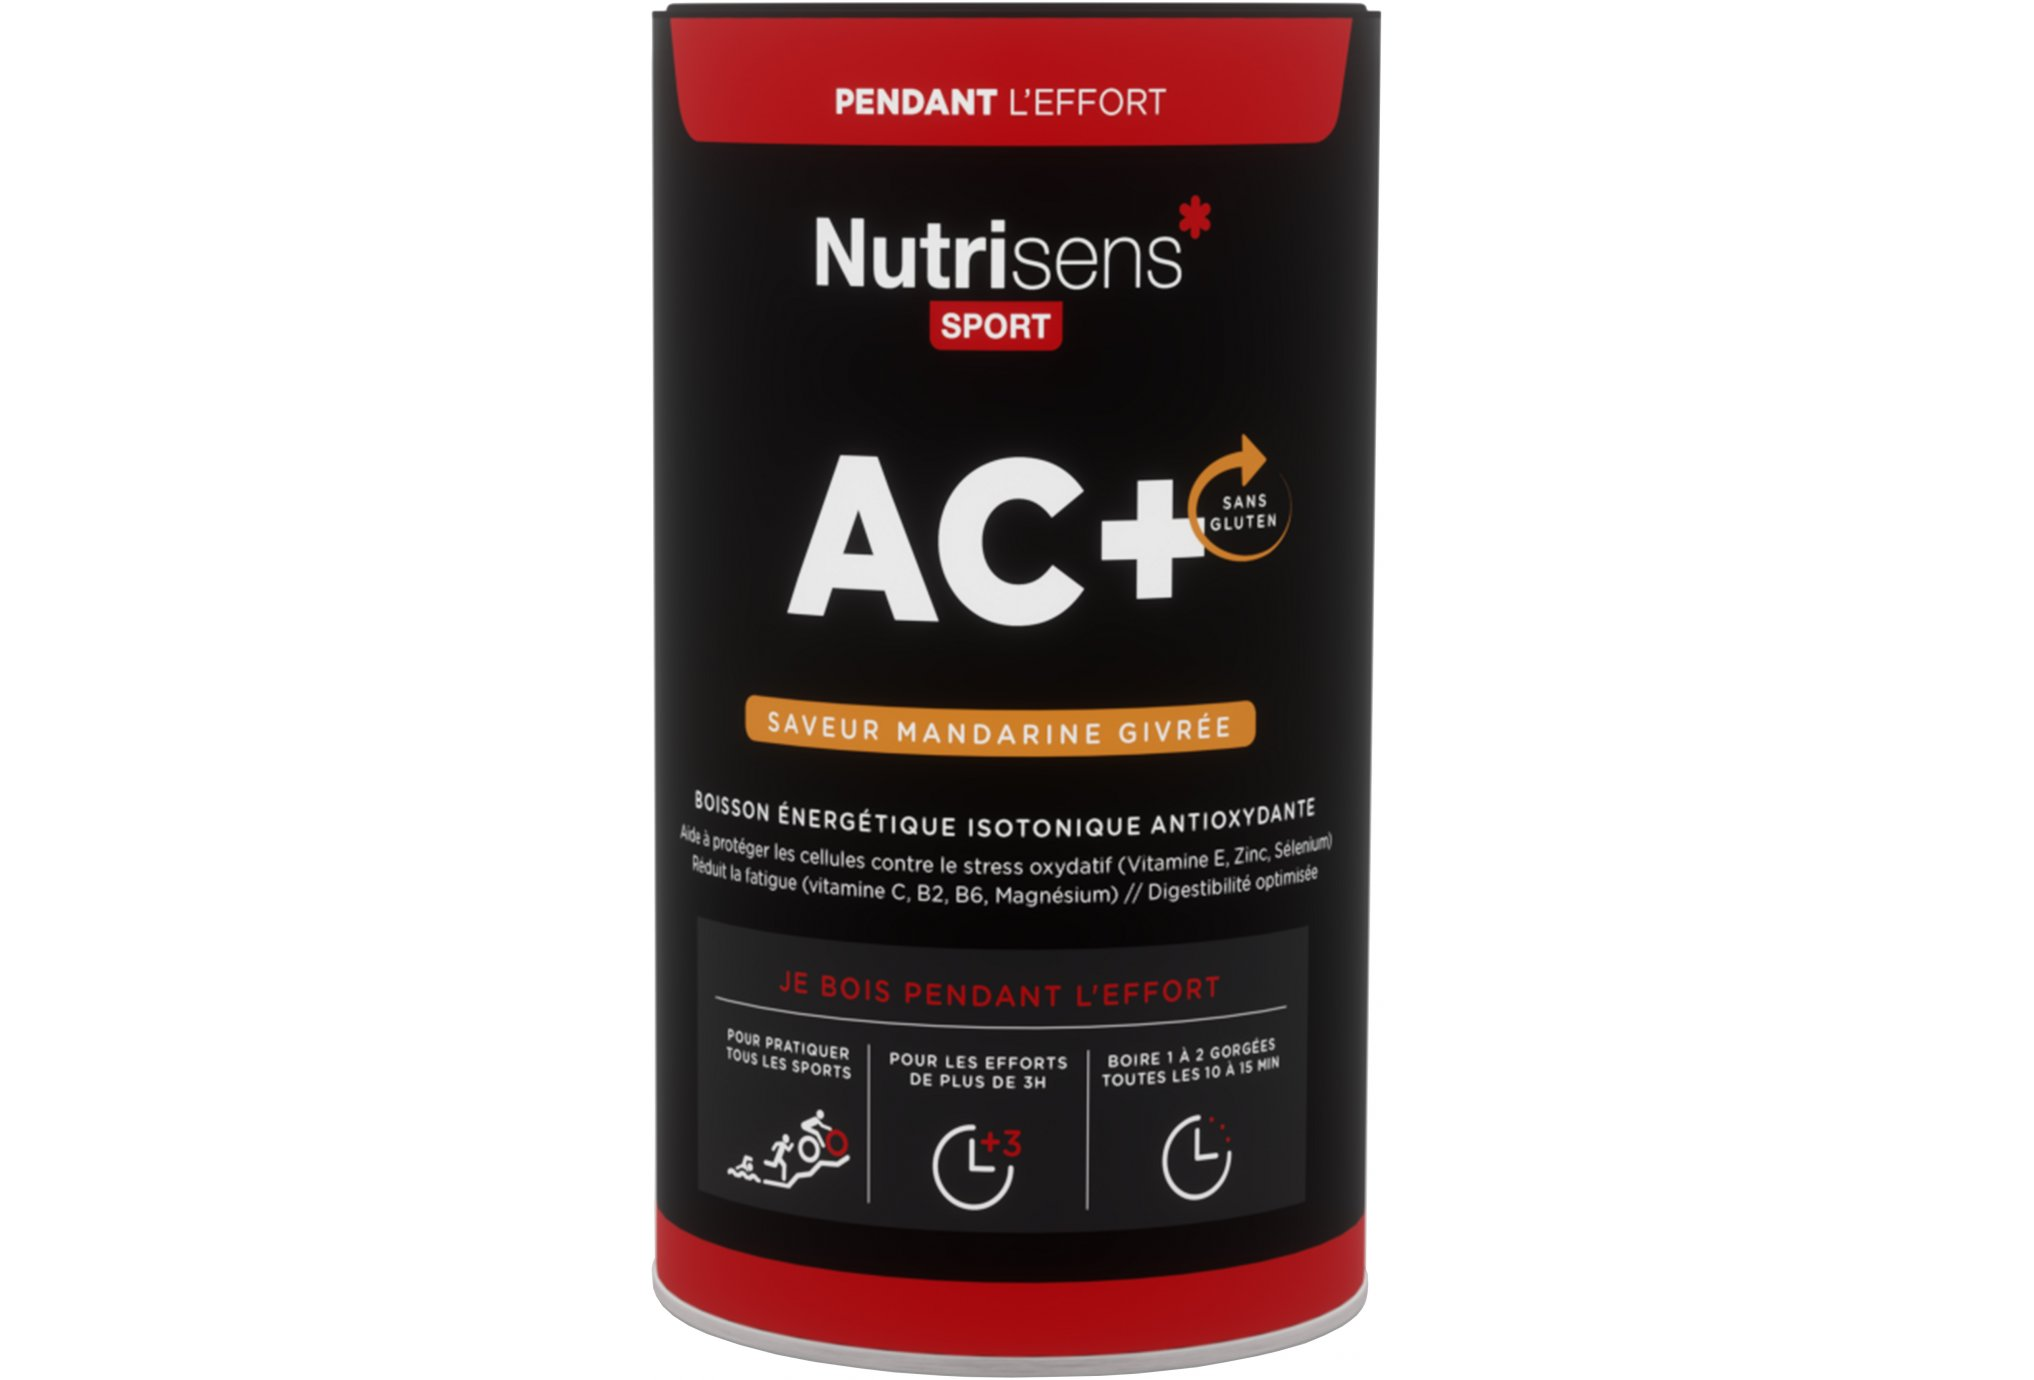 Nutrisens Sport ac+ - mandarine givrée diététique boissons